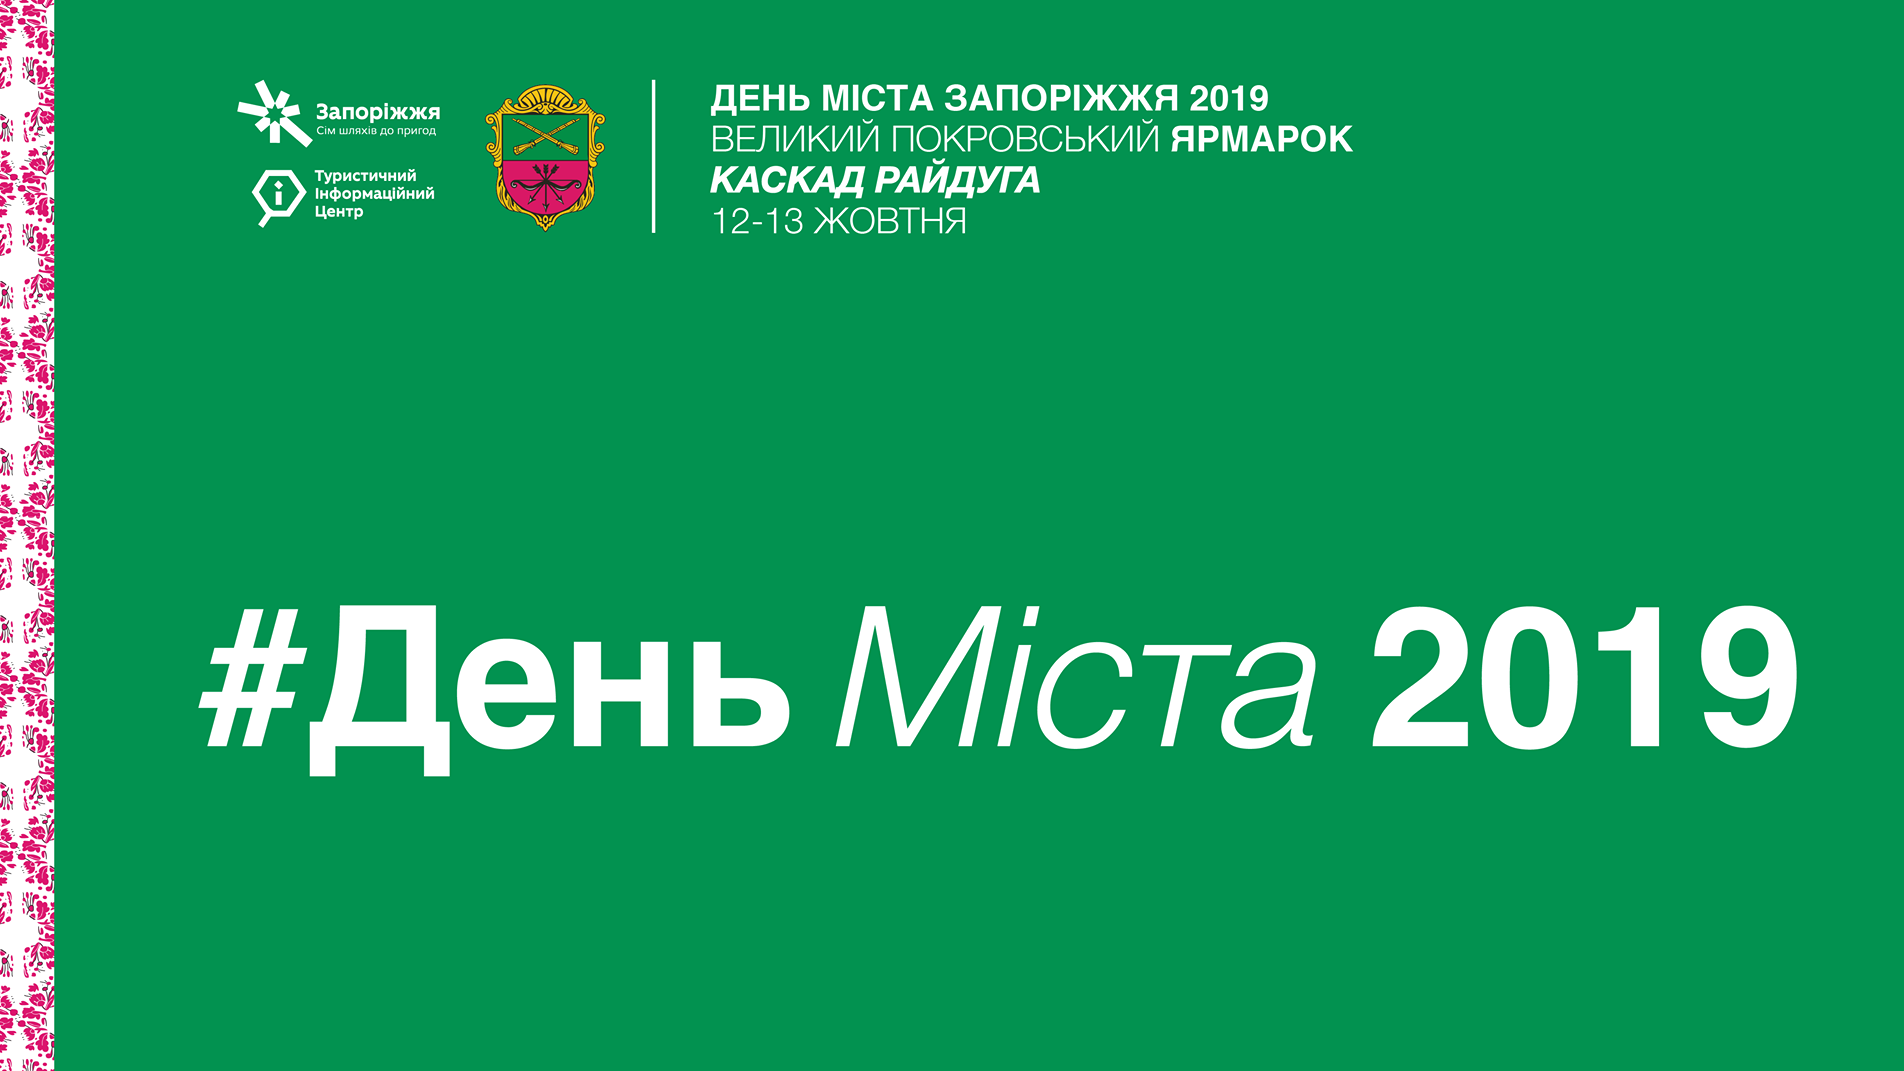 Концерт «ВВ», Караоке,  Матч звезд и ярмарка на новом месте: полная программа празднования Дня города в Запорожье